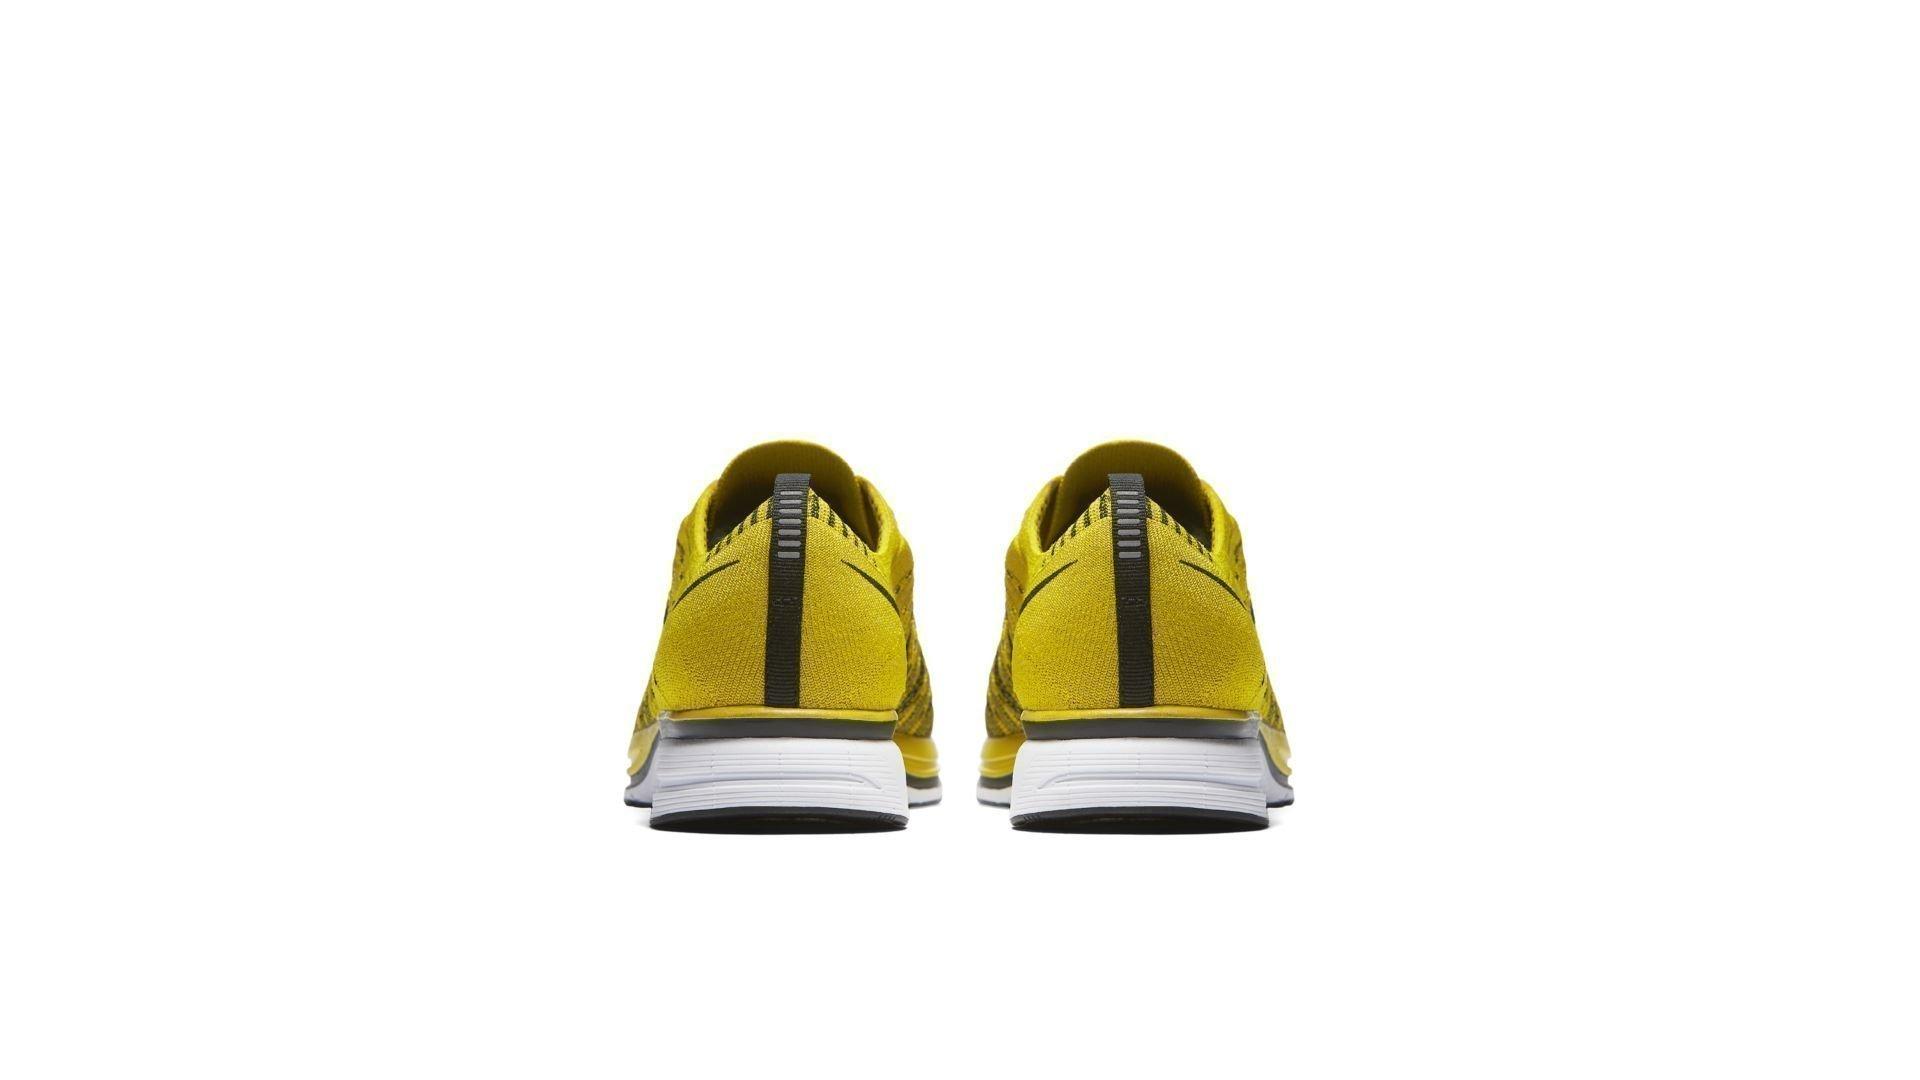 Nike Flyknit Trainer AH8396-700